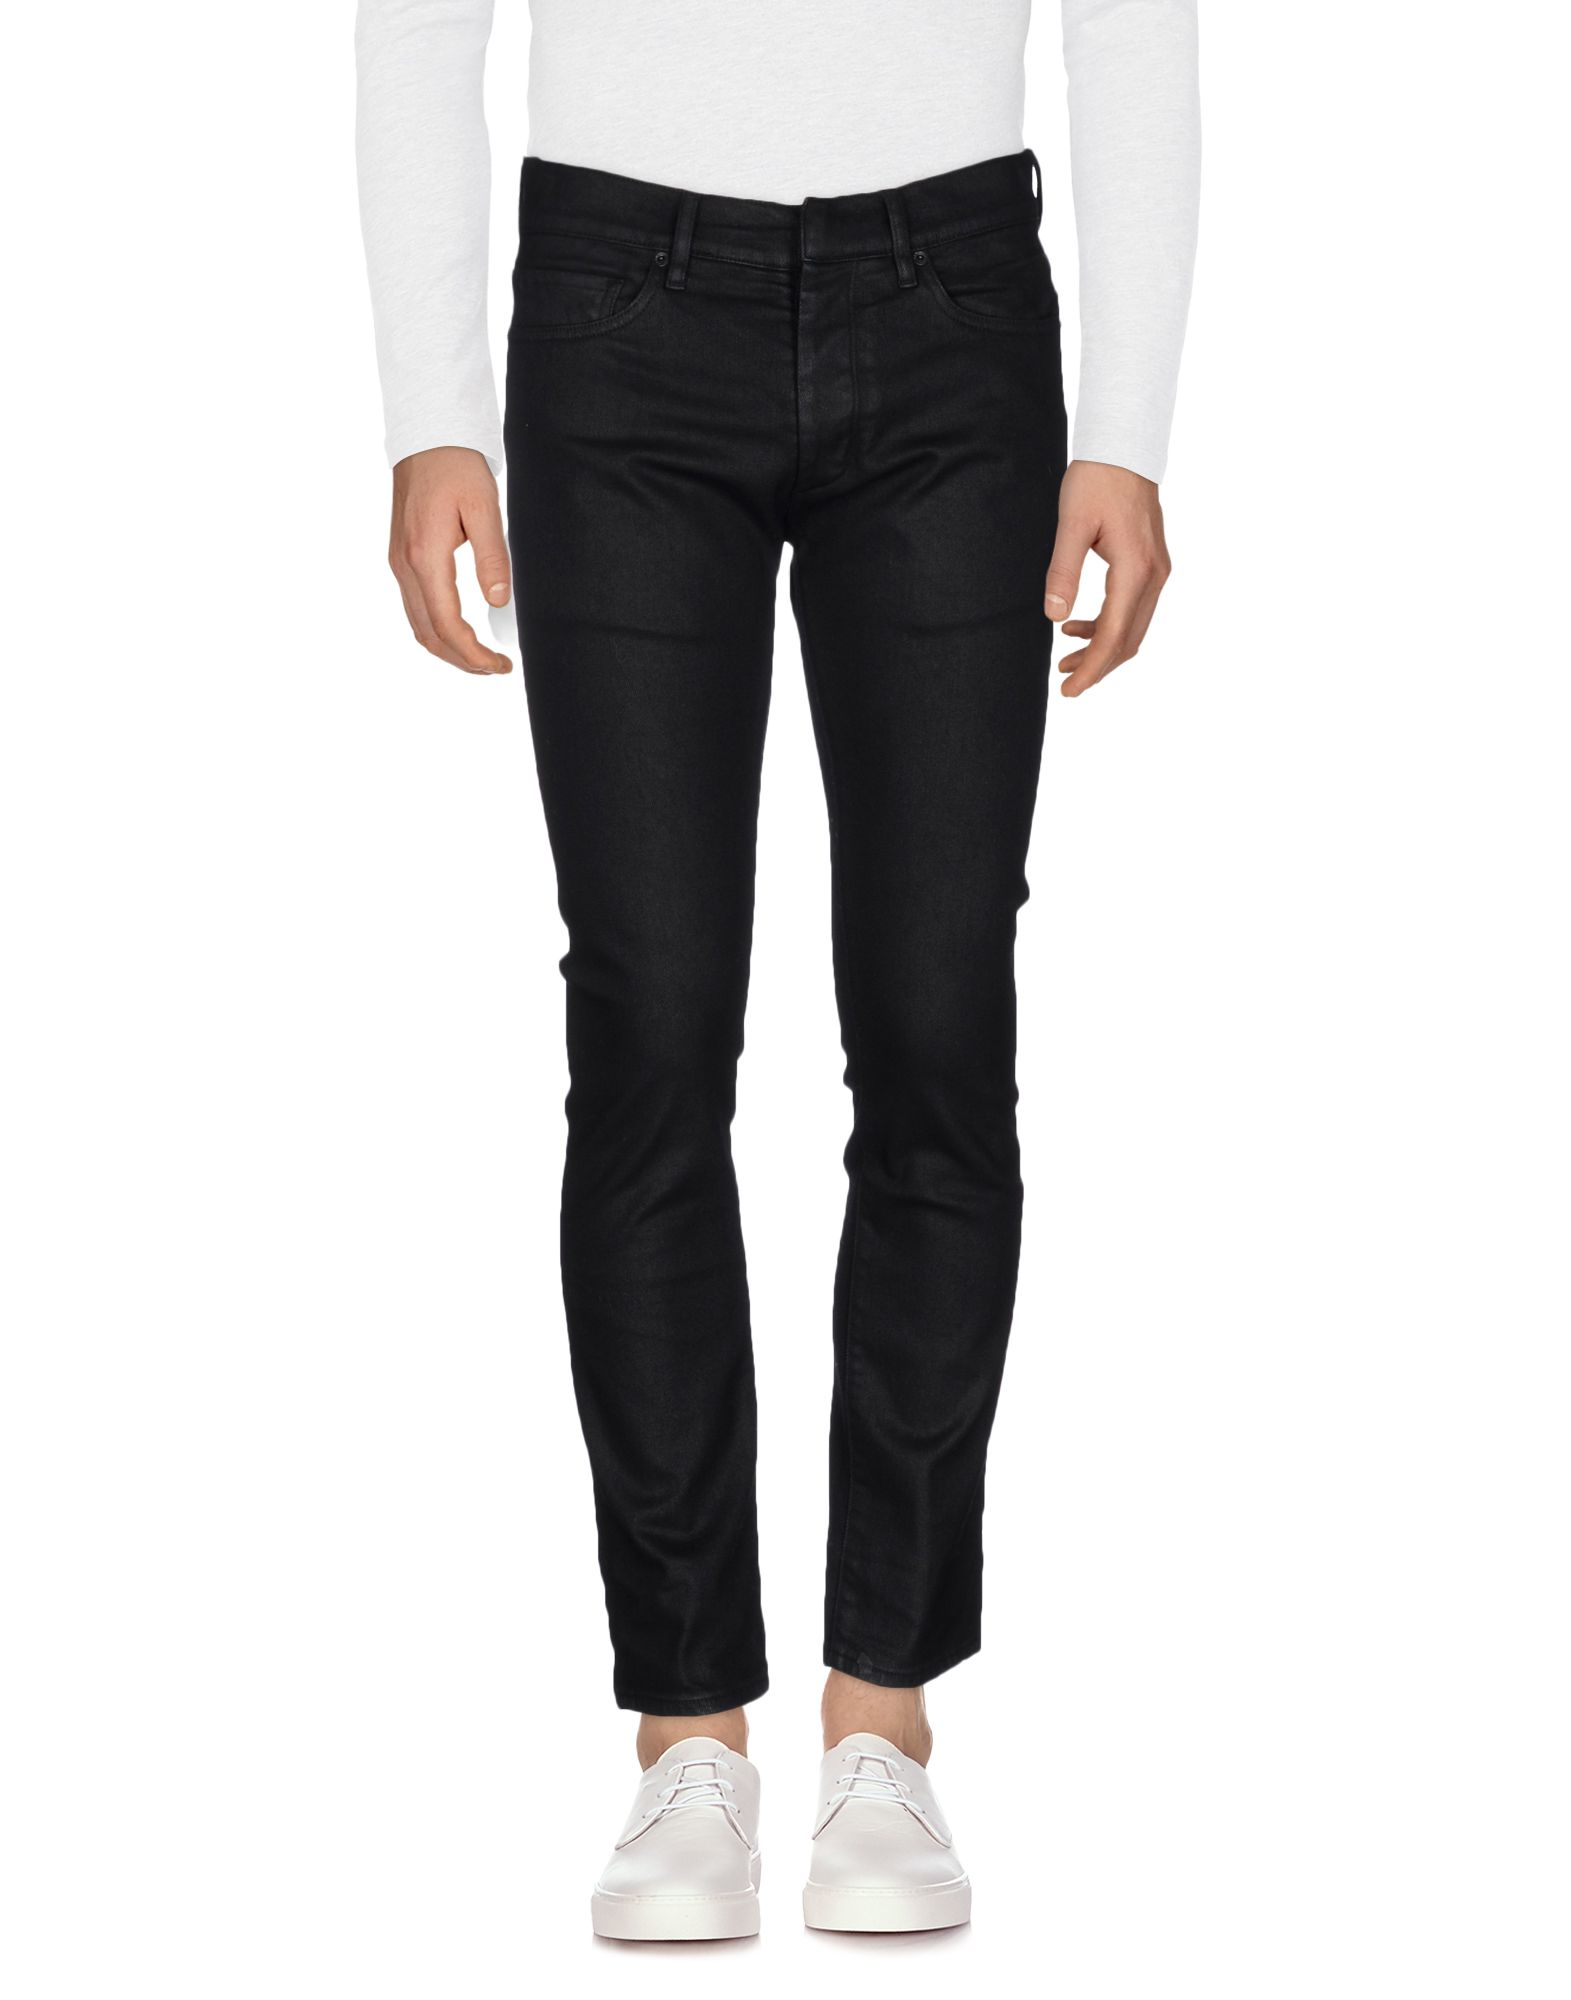 RING Denim Pants in Black